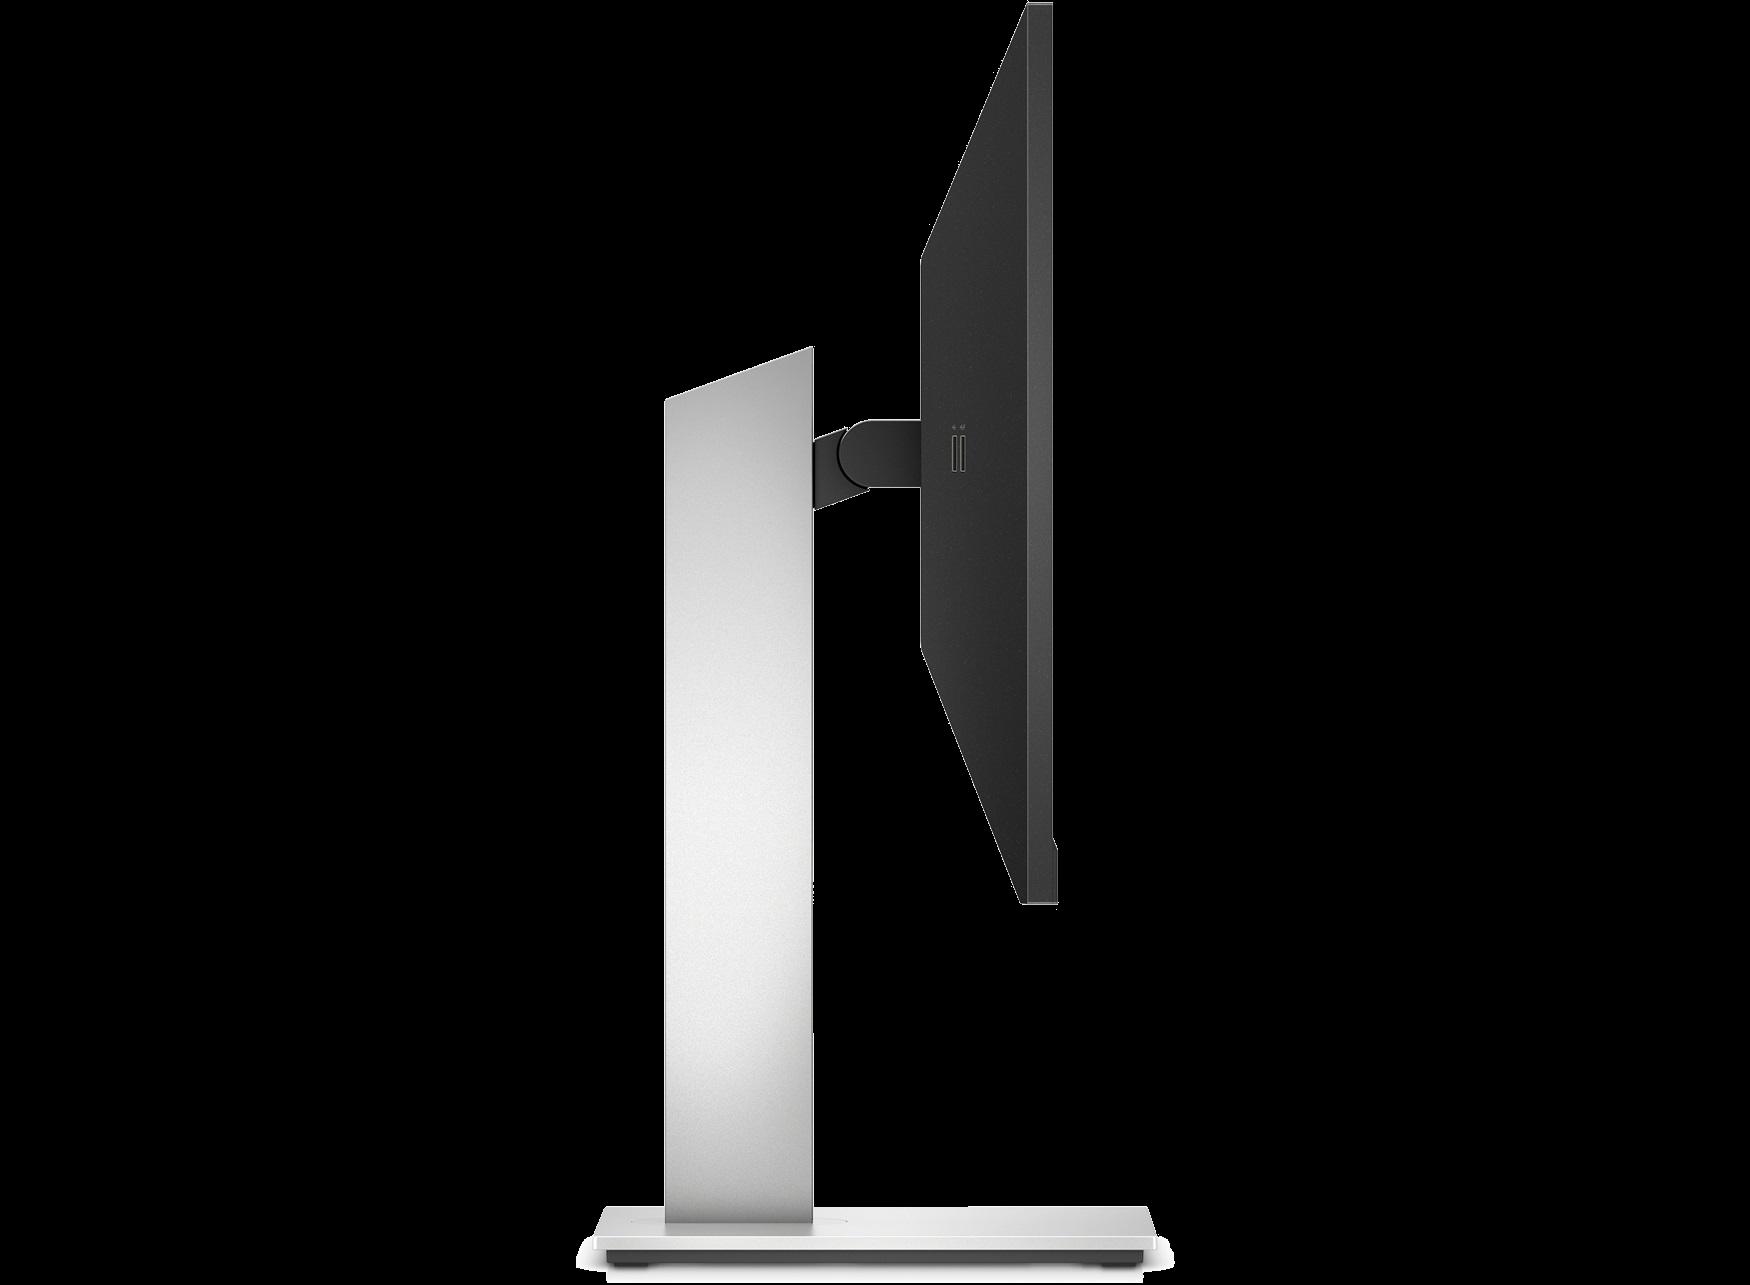 Moniteur HP E24 G4